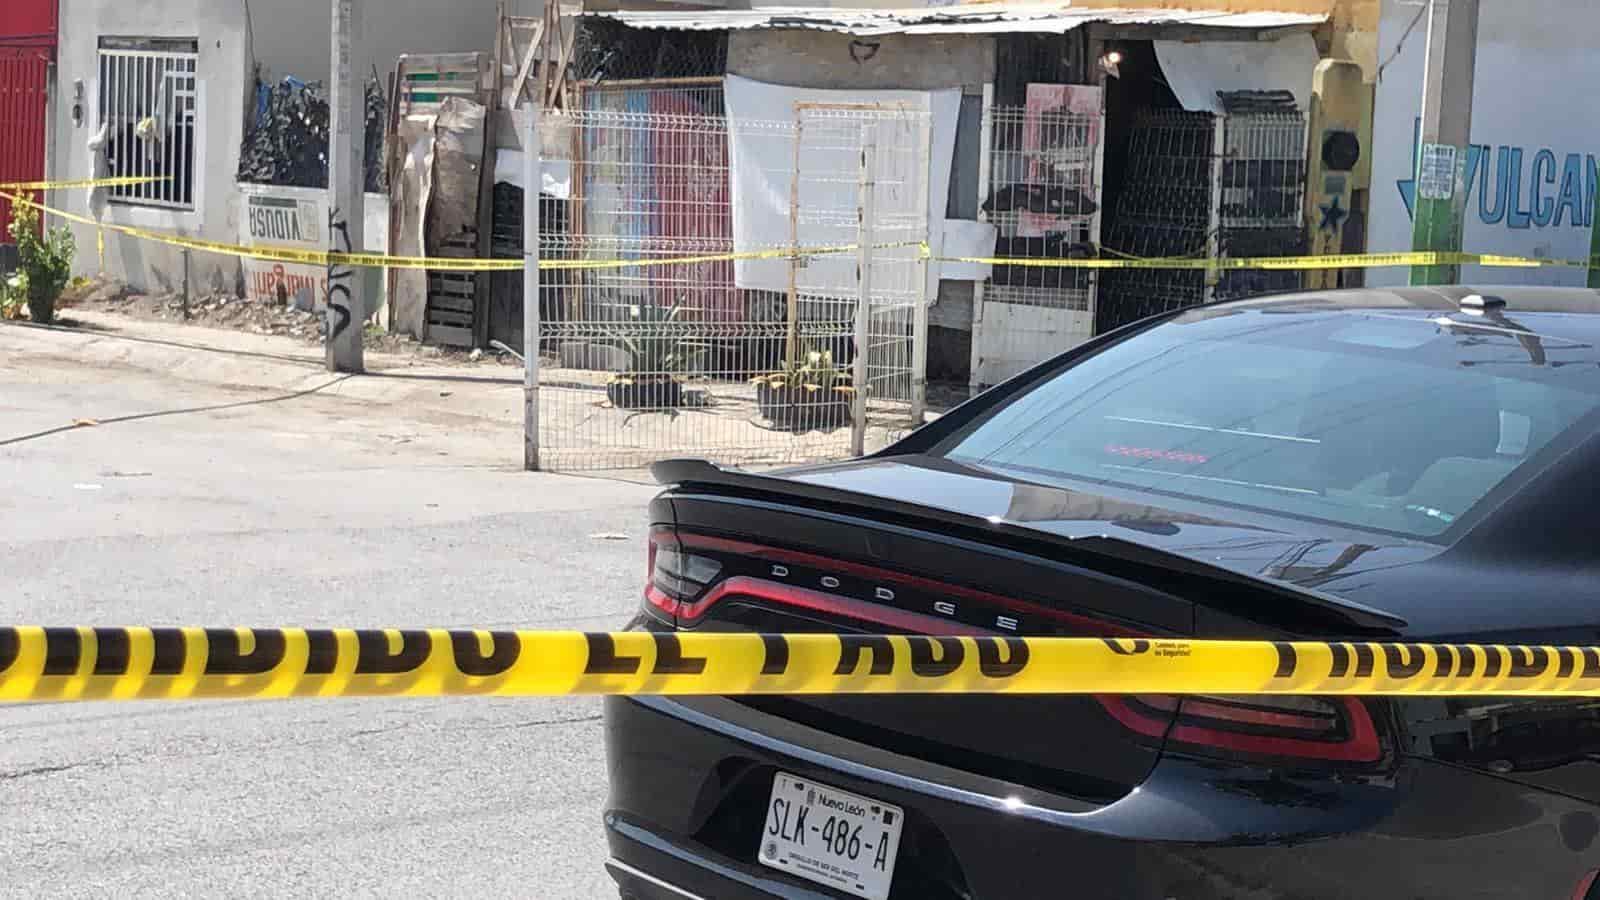 El cadáver de un hombre privado de la vida presuntamente a tubazos, fue encontrado ayer en una vulcanizadora